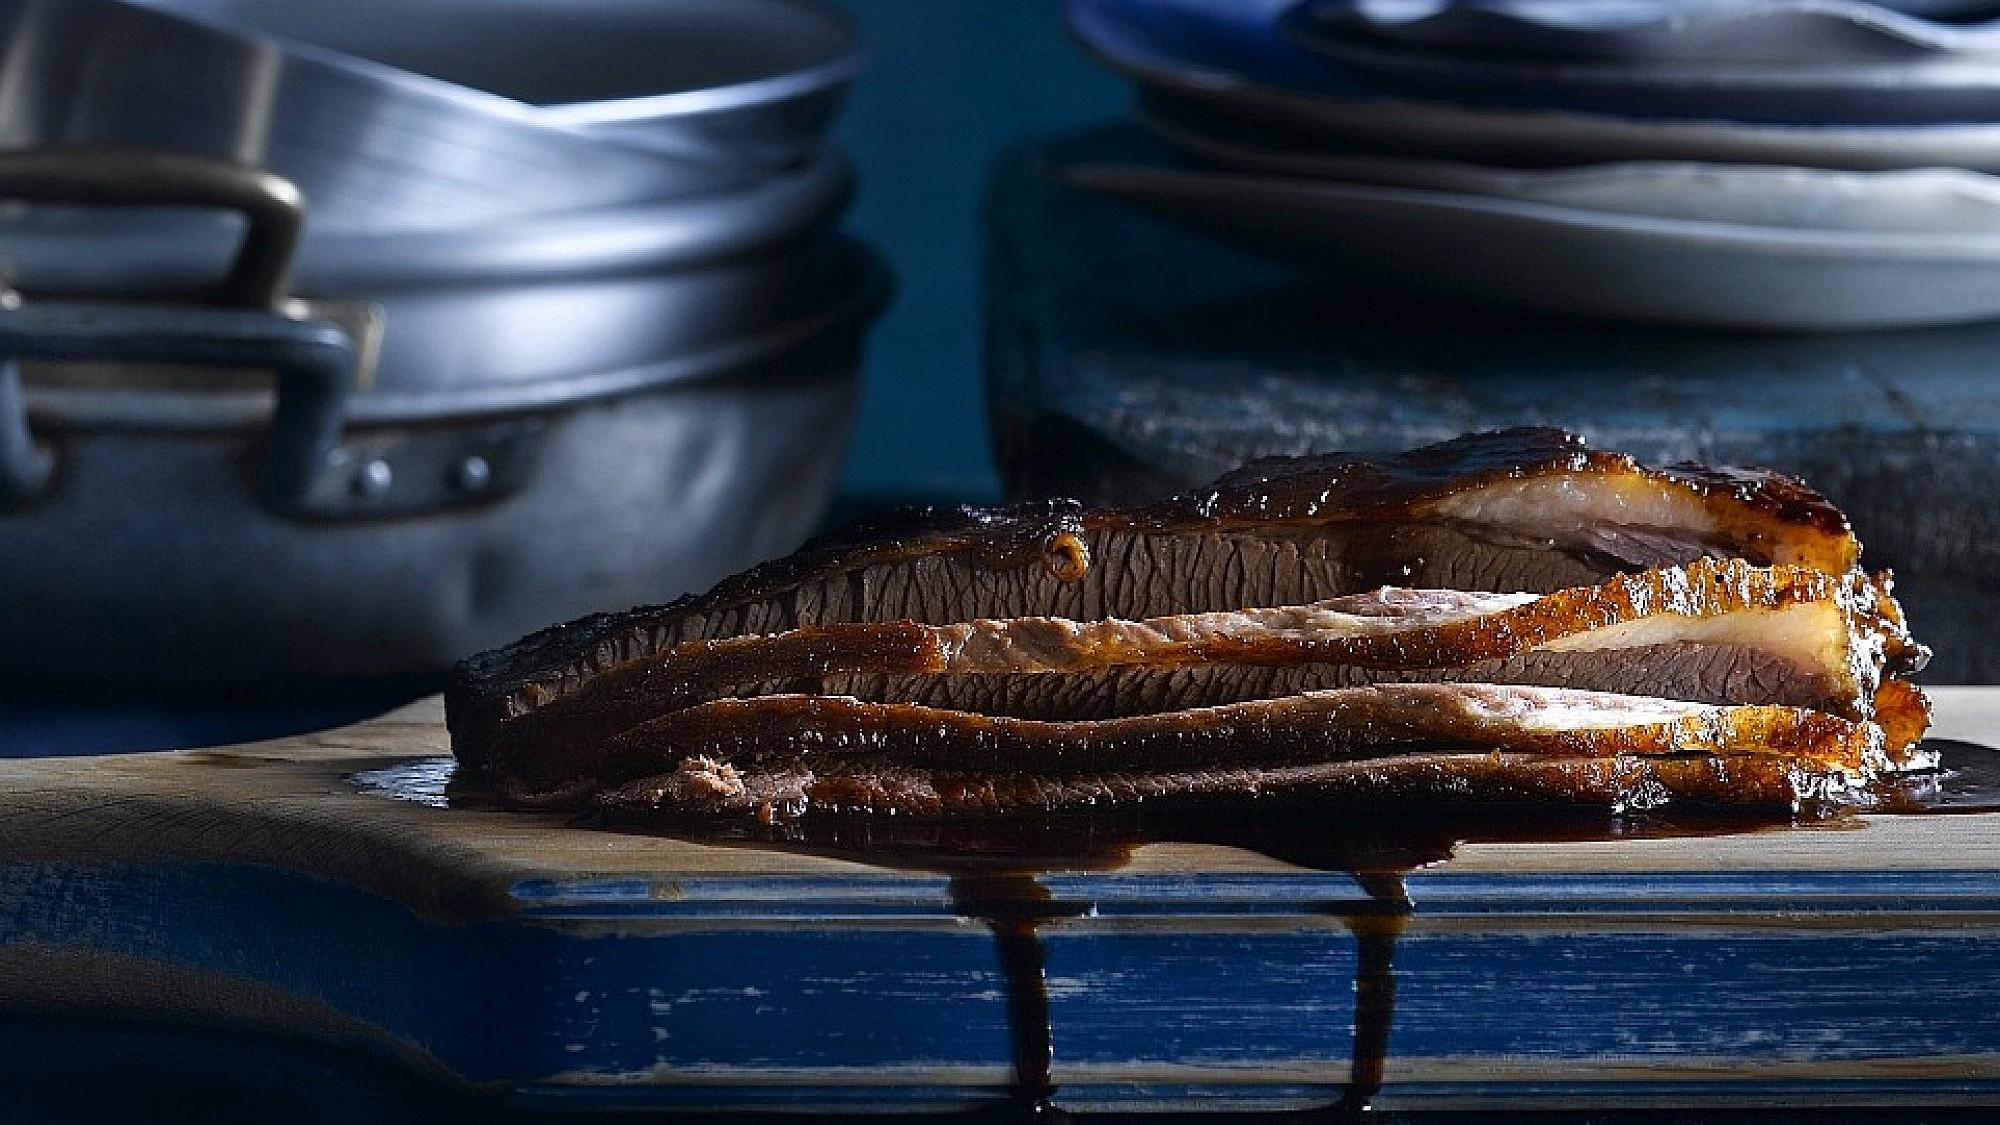 בריסקט בדבש, סויה וזרעי כוסברה. צילום: רונן מנגן   סגנון: עמית פרבר